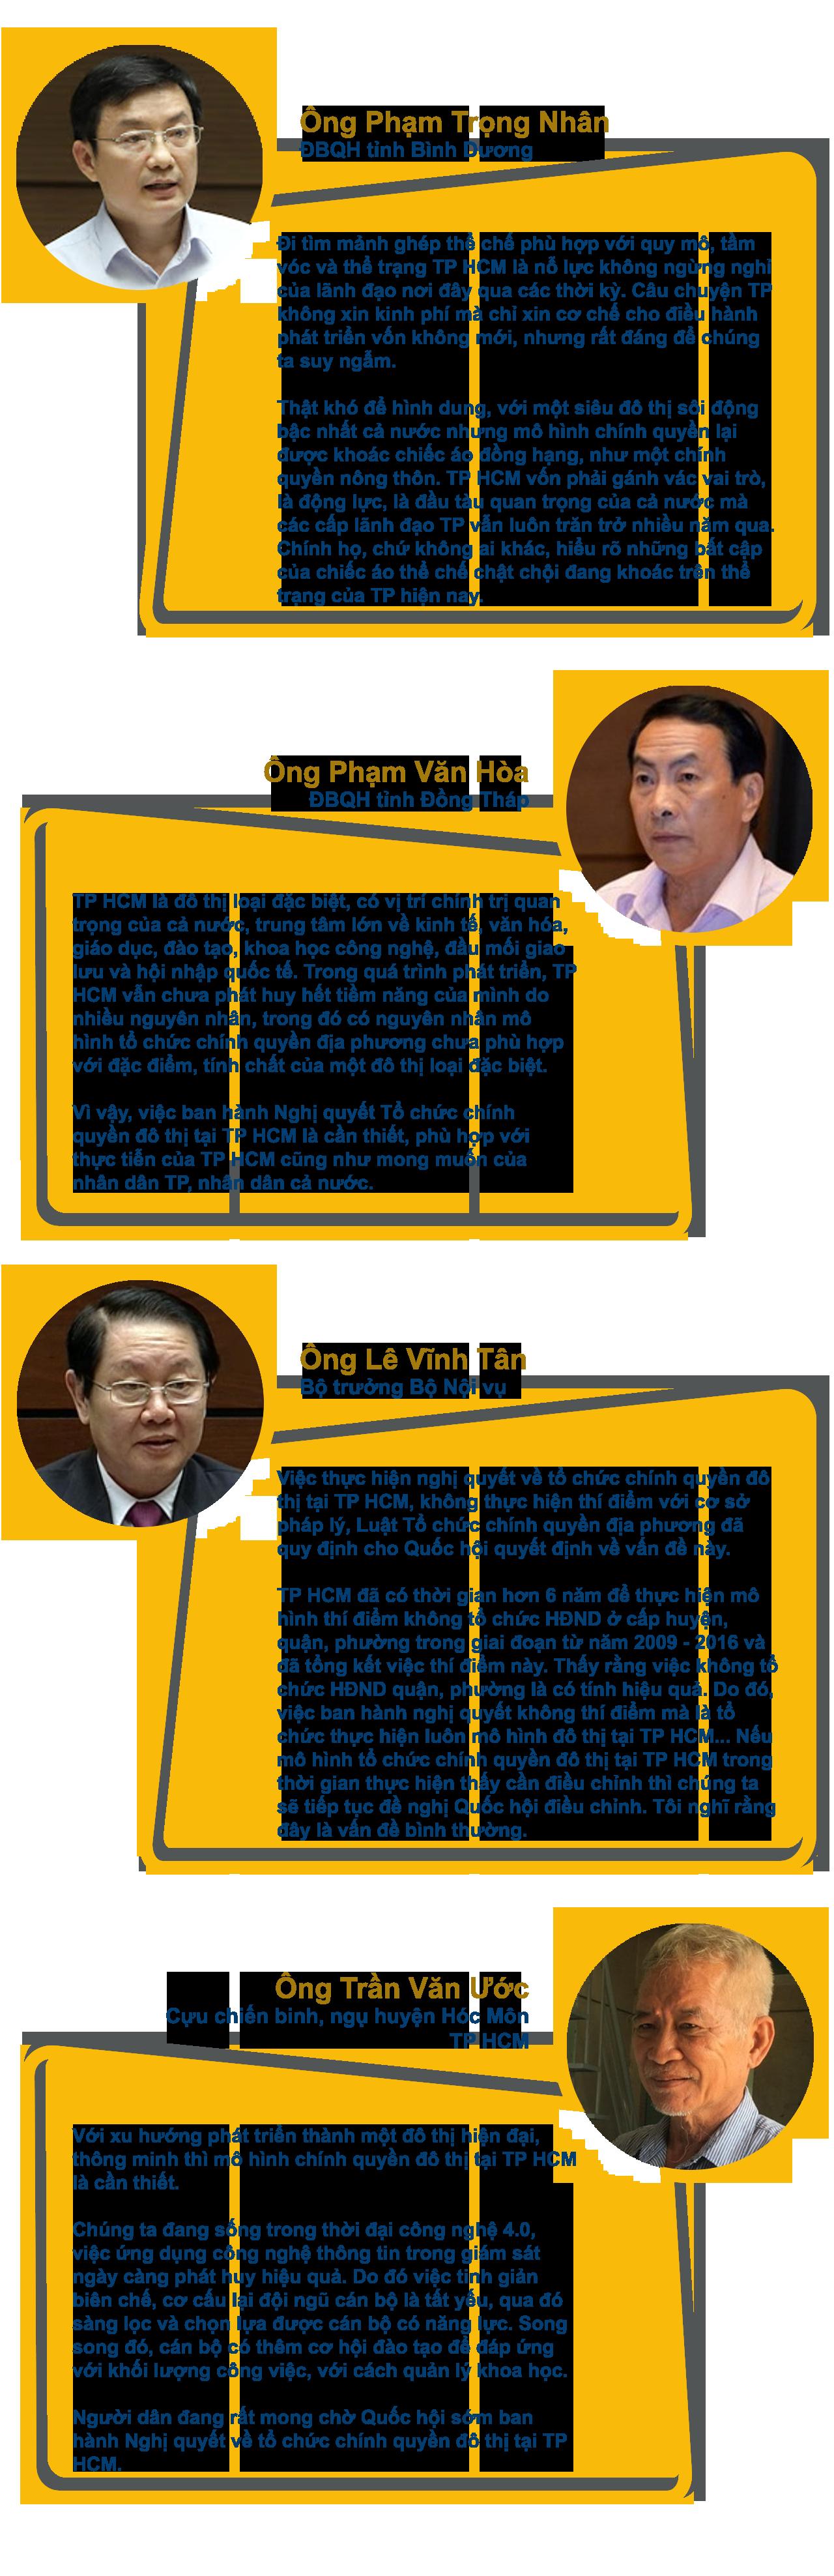 [eMagazine] Mong sớm có chính quyền đô thị TP HCM - Ảnh 21.